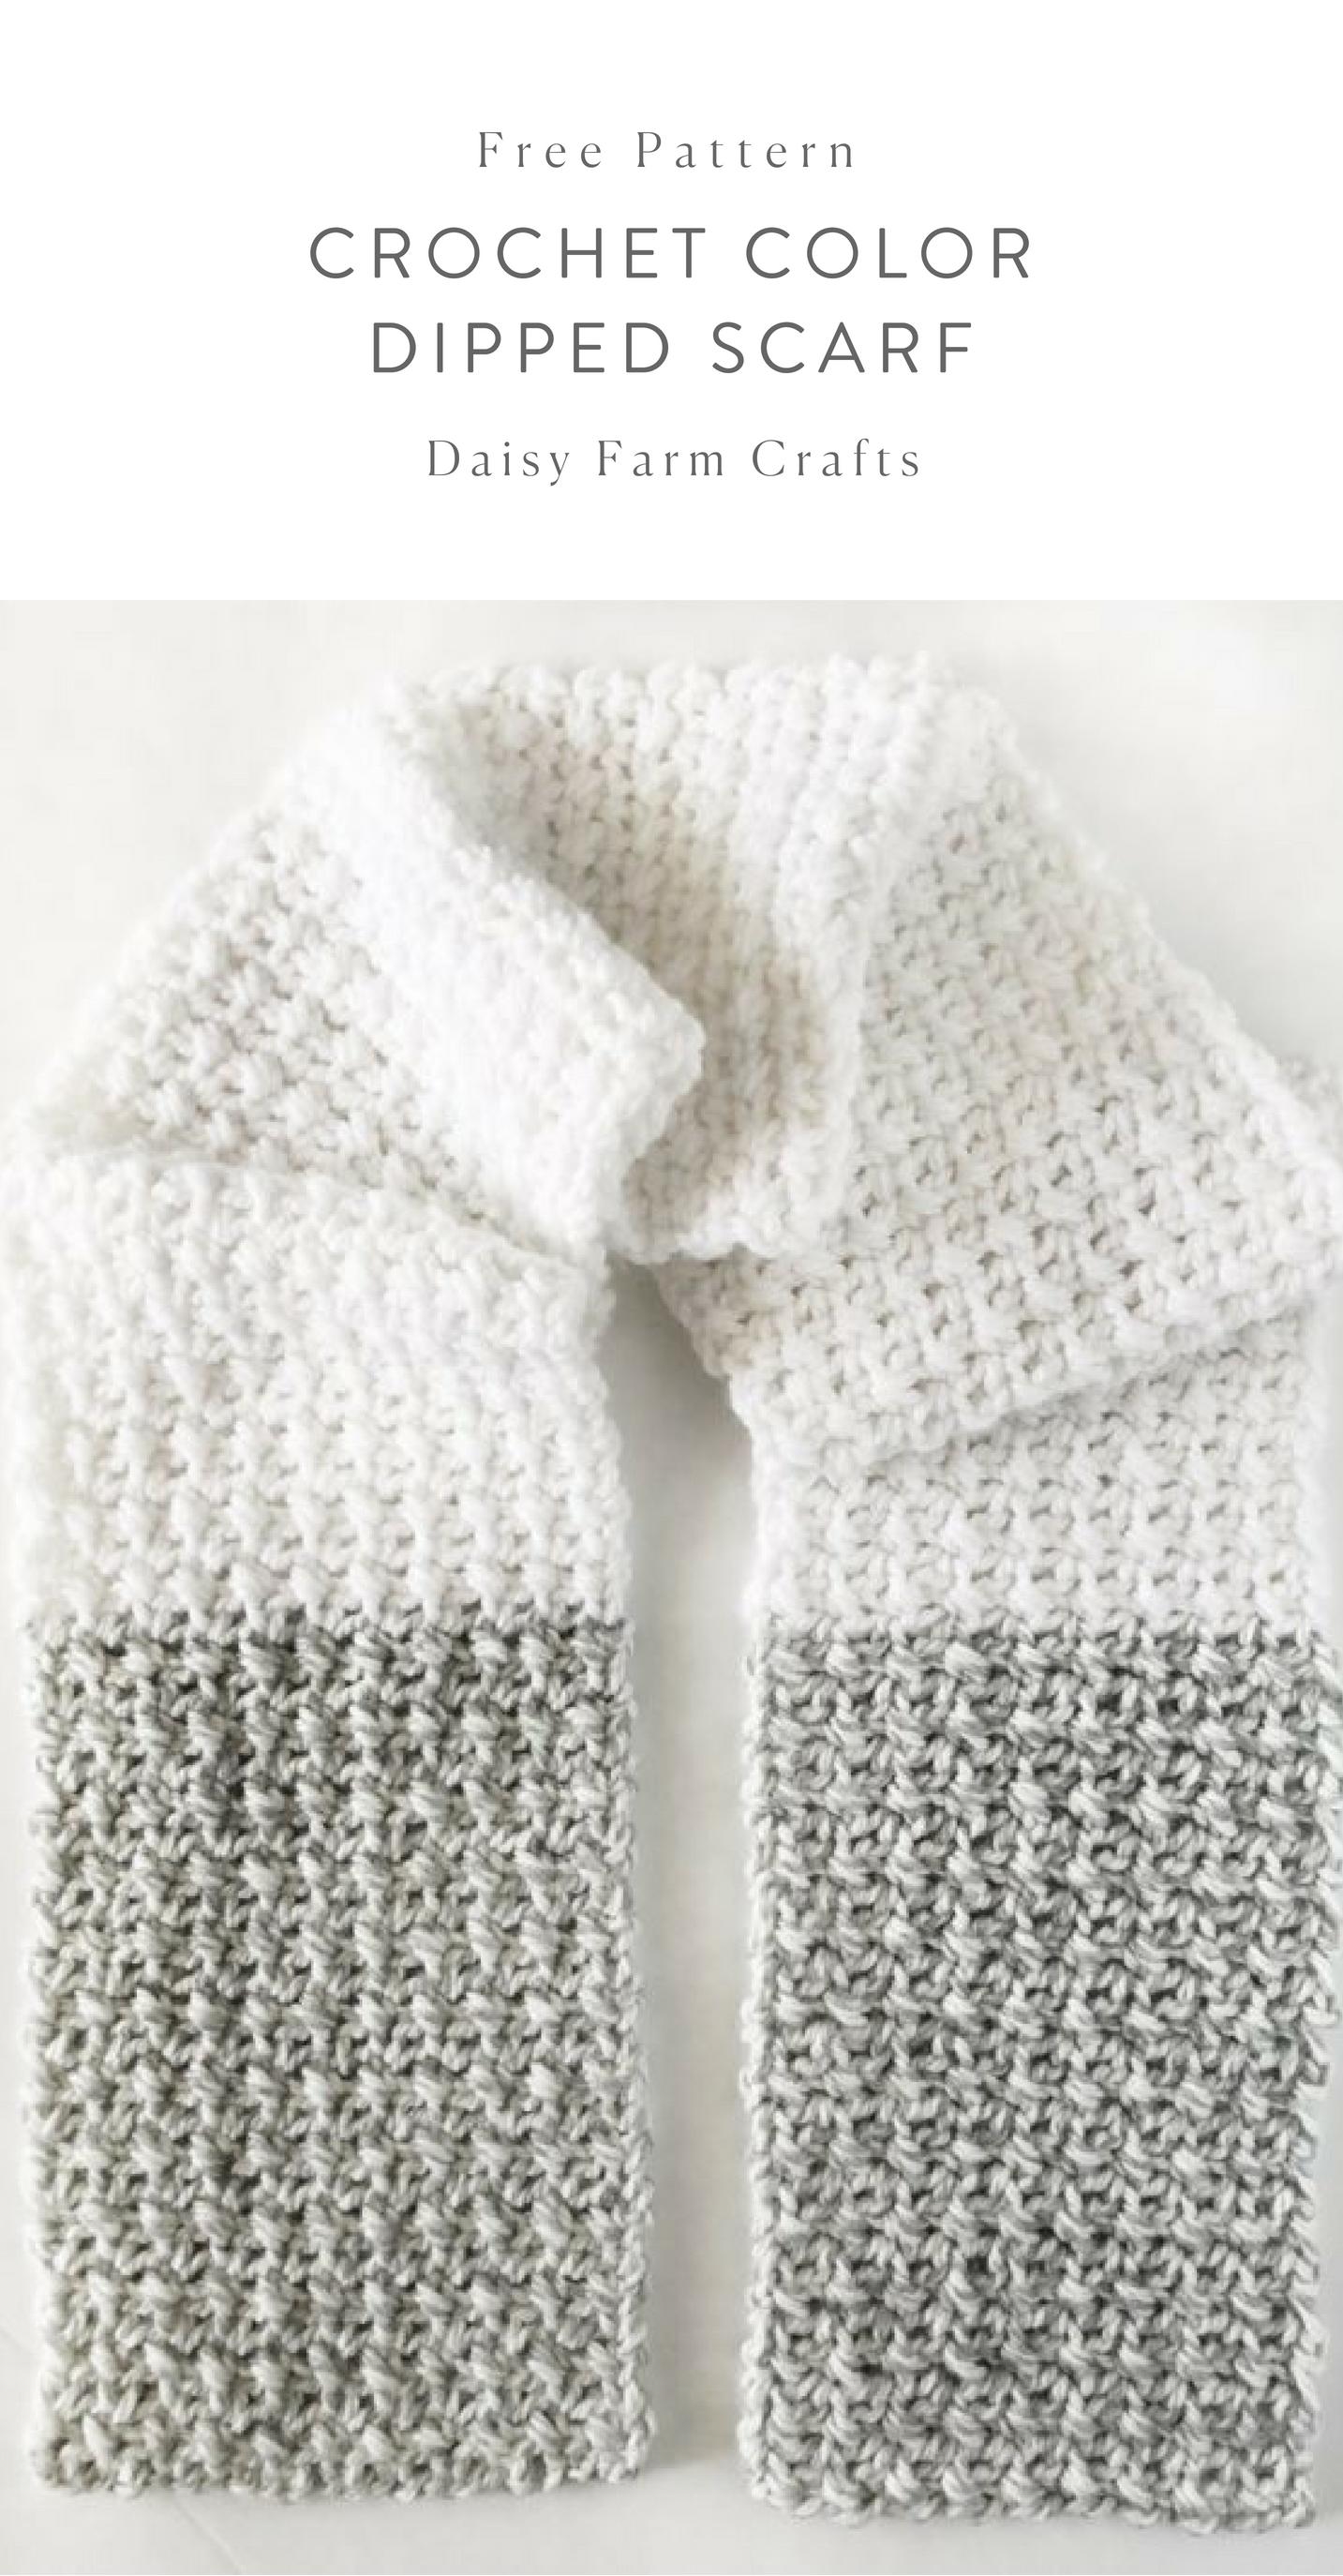 Free Pattern - Crochet Color Dipped Scarf #crochet | crochet ...